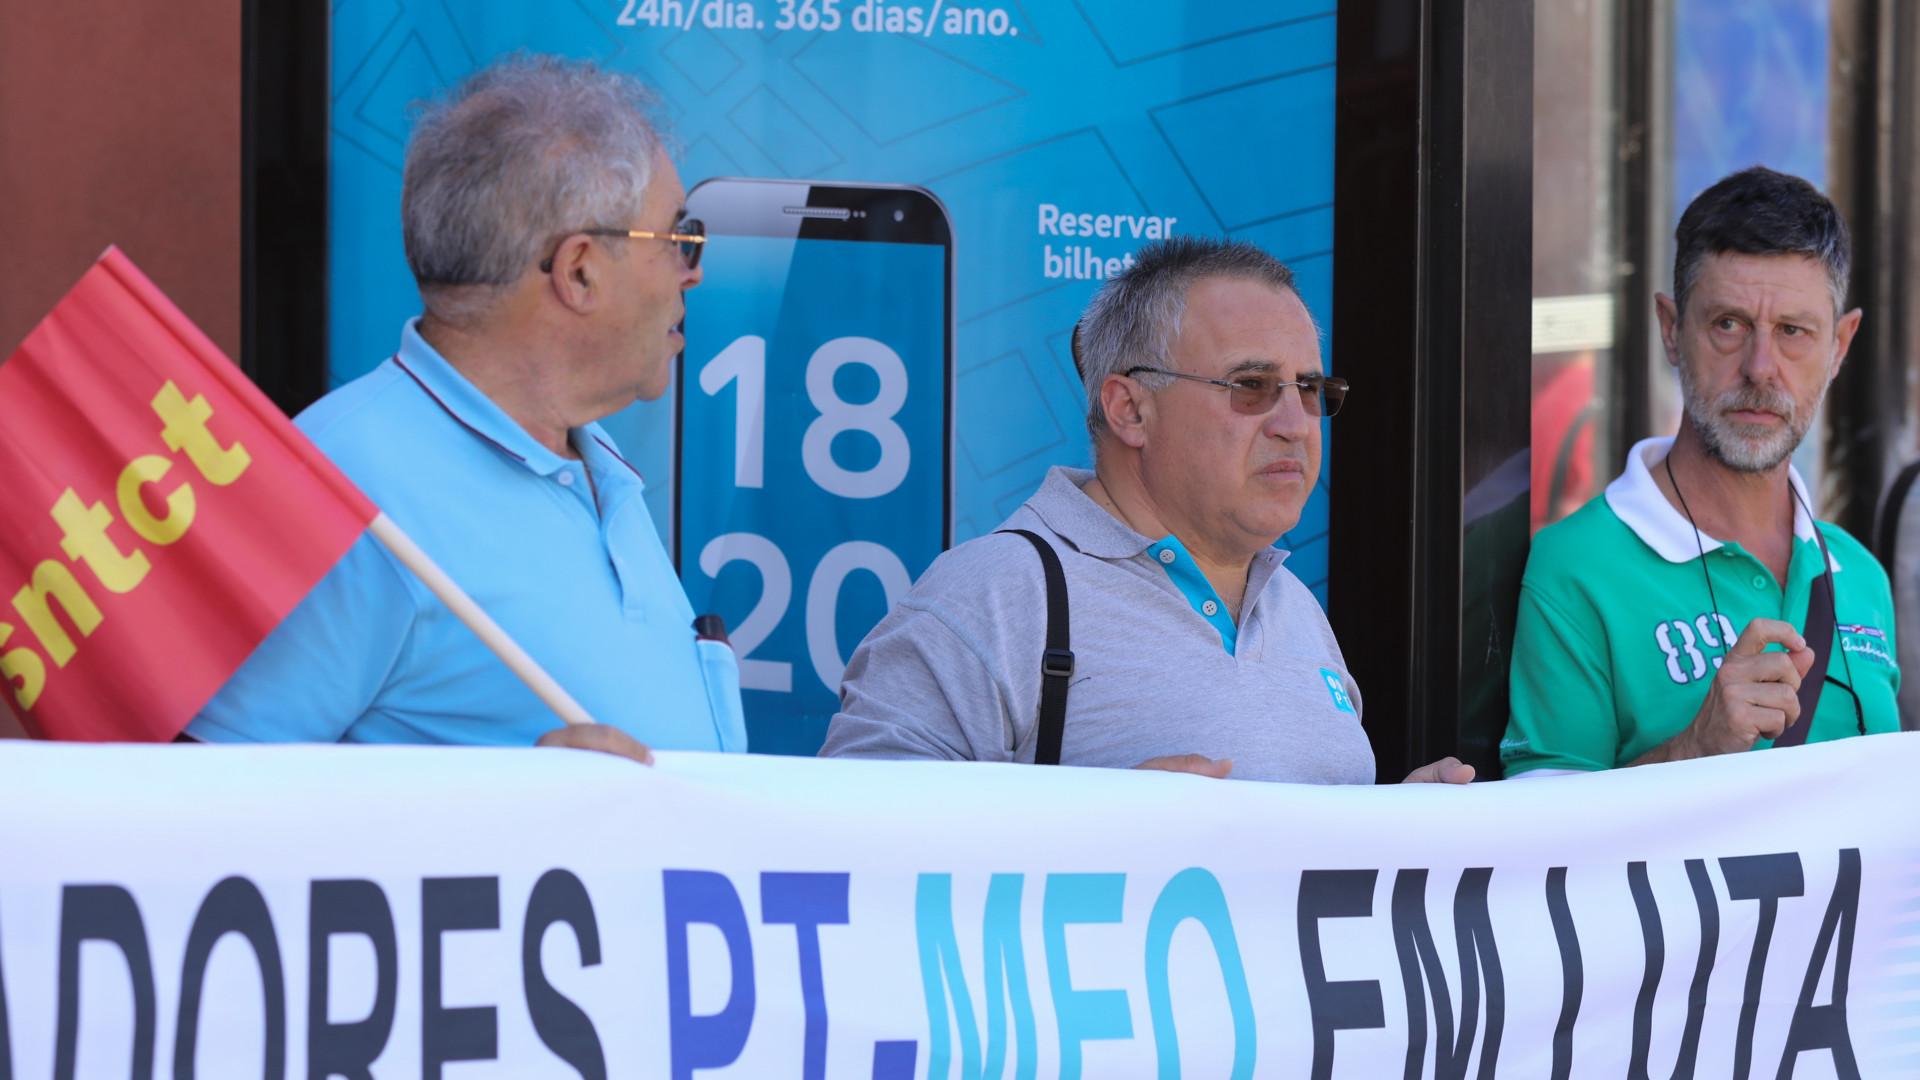 Trabalhadores da PT/Meo em protesto hoje pela defesa da empresa